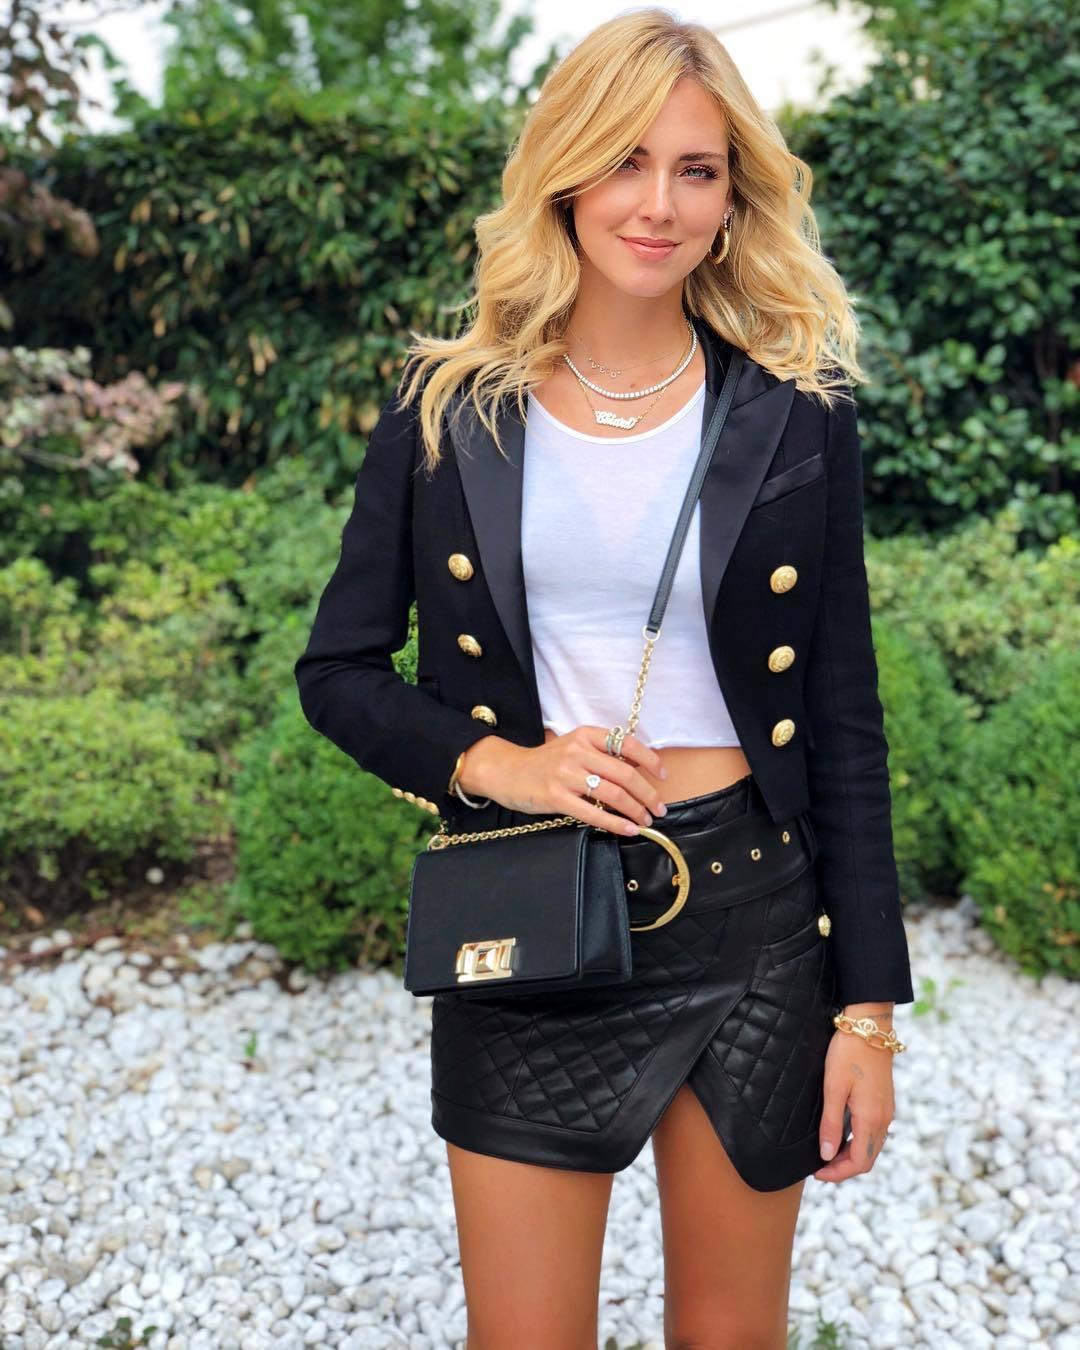 Chiara Ferragni, la reina de las insfluencer, conoce a la perfección...